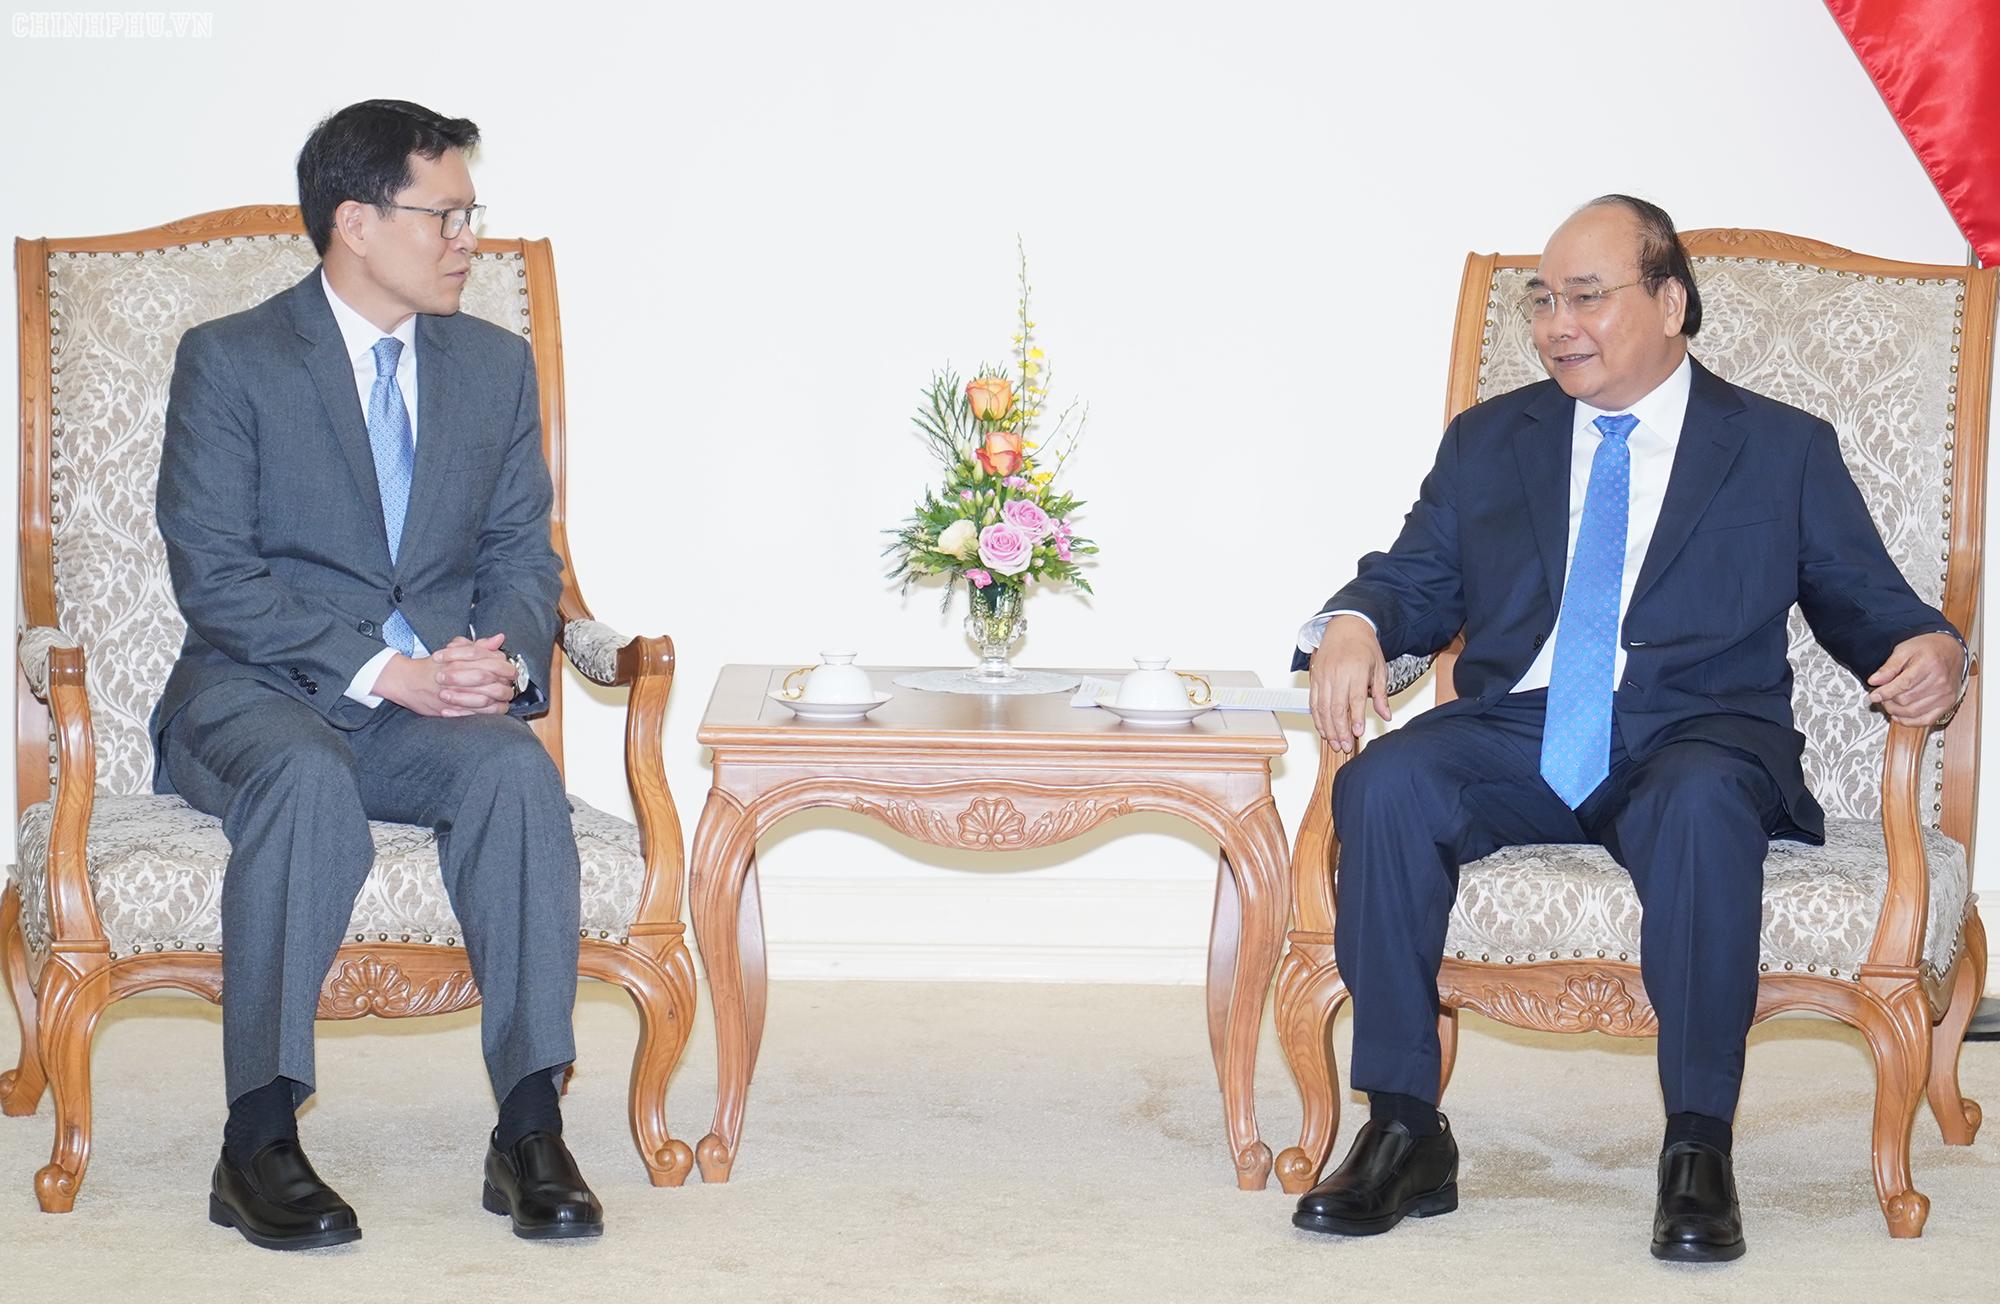 Thủ tướng ủng hộ Việt Nam hợp tác Thái Lan về thanh toán điện tử